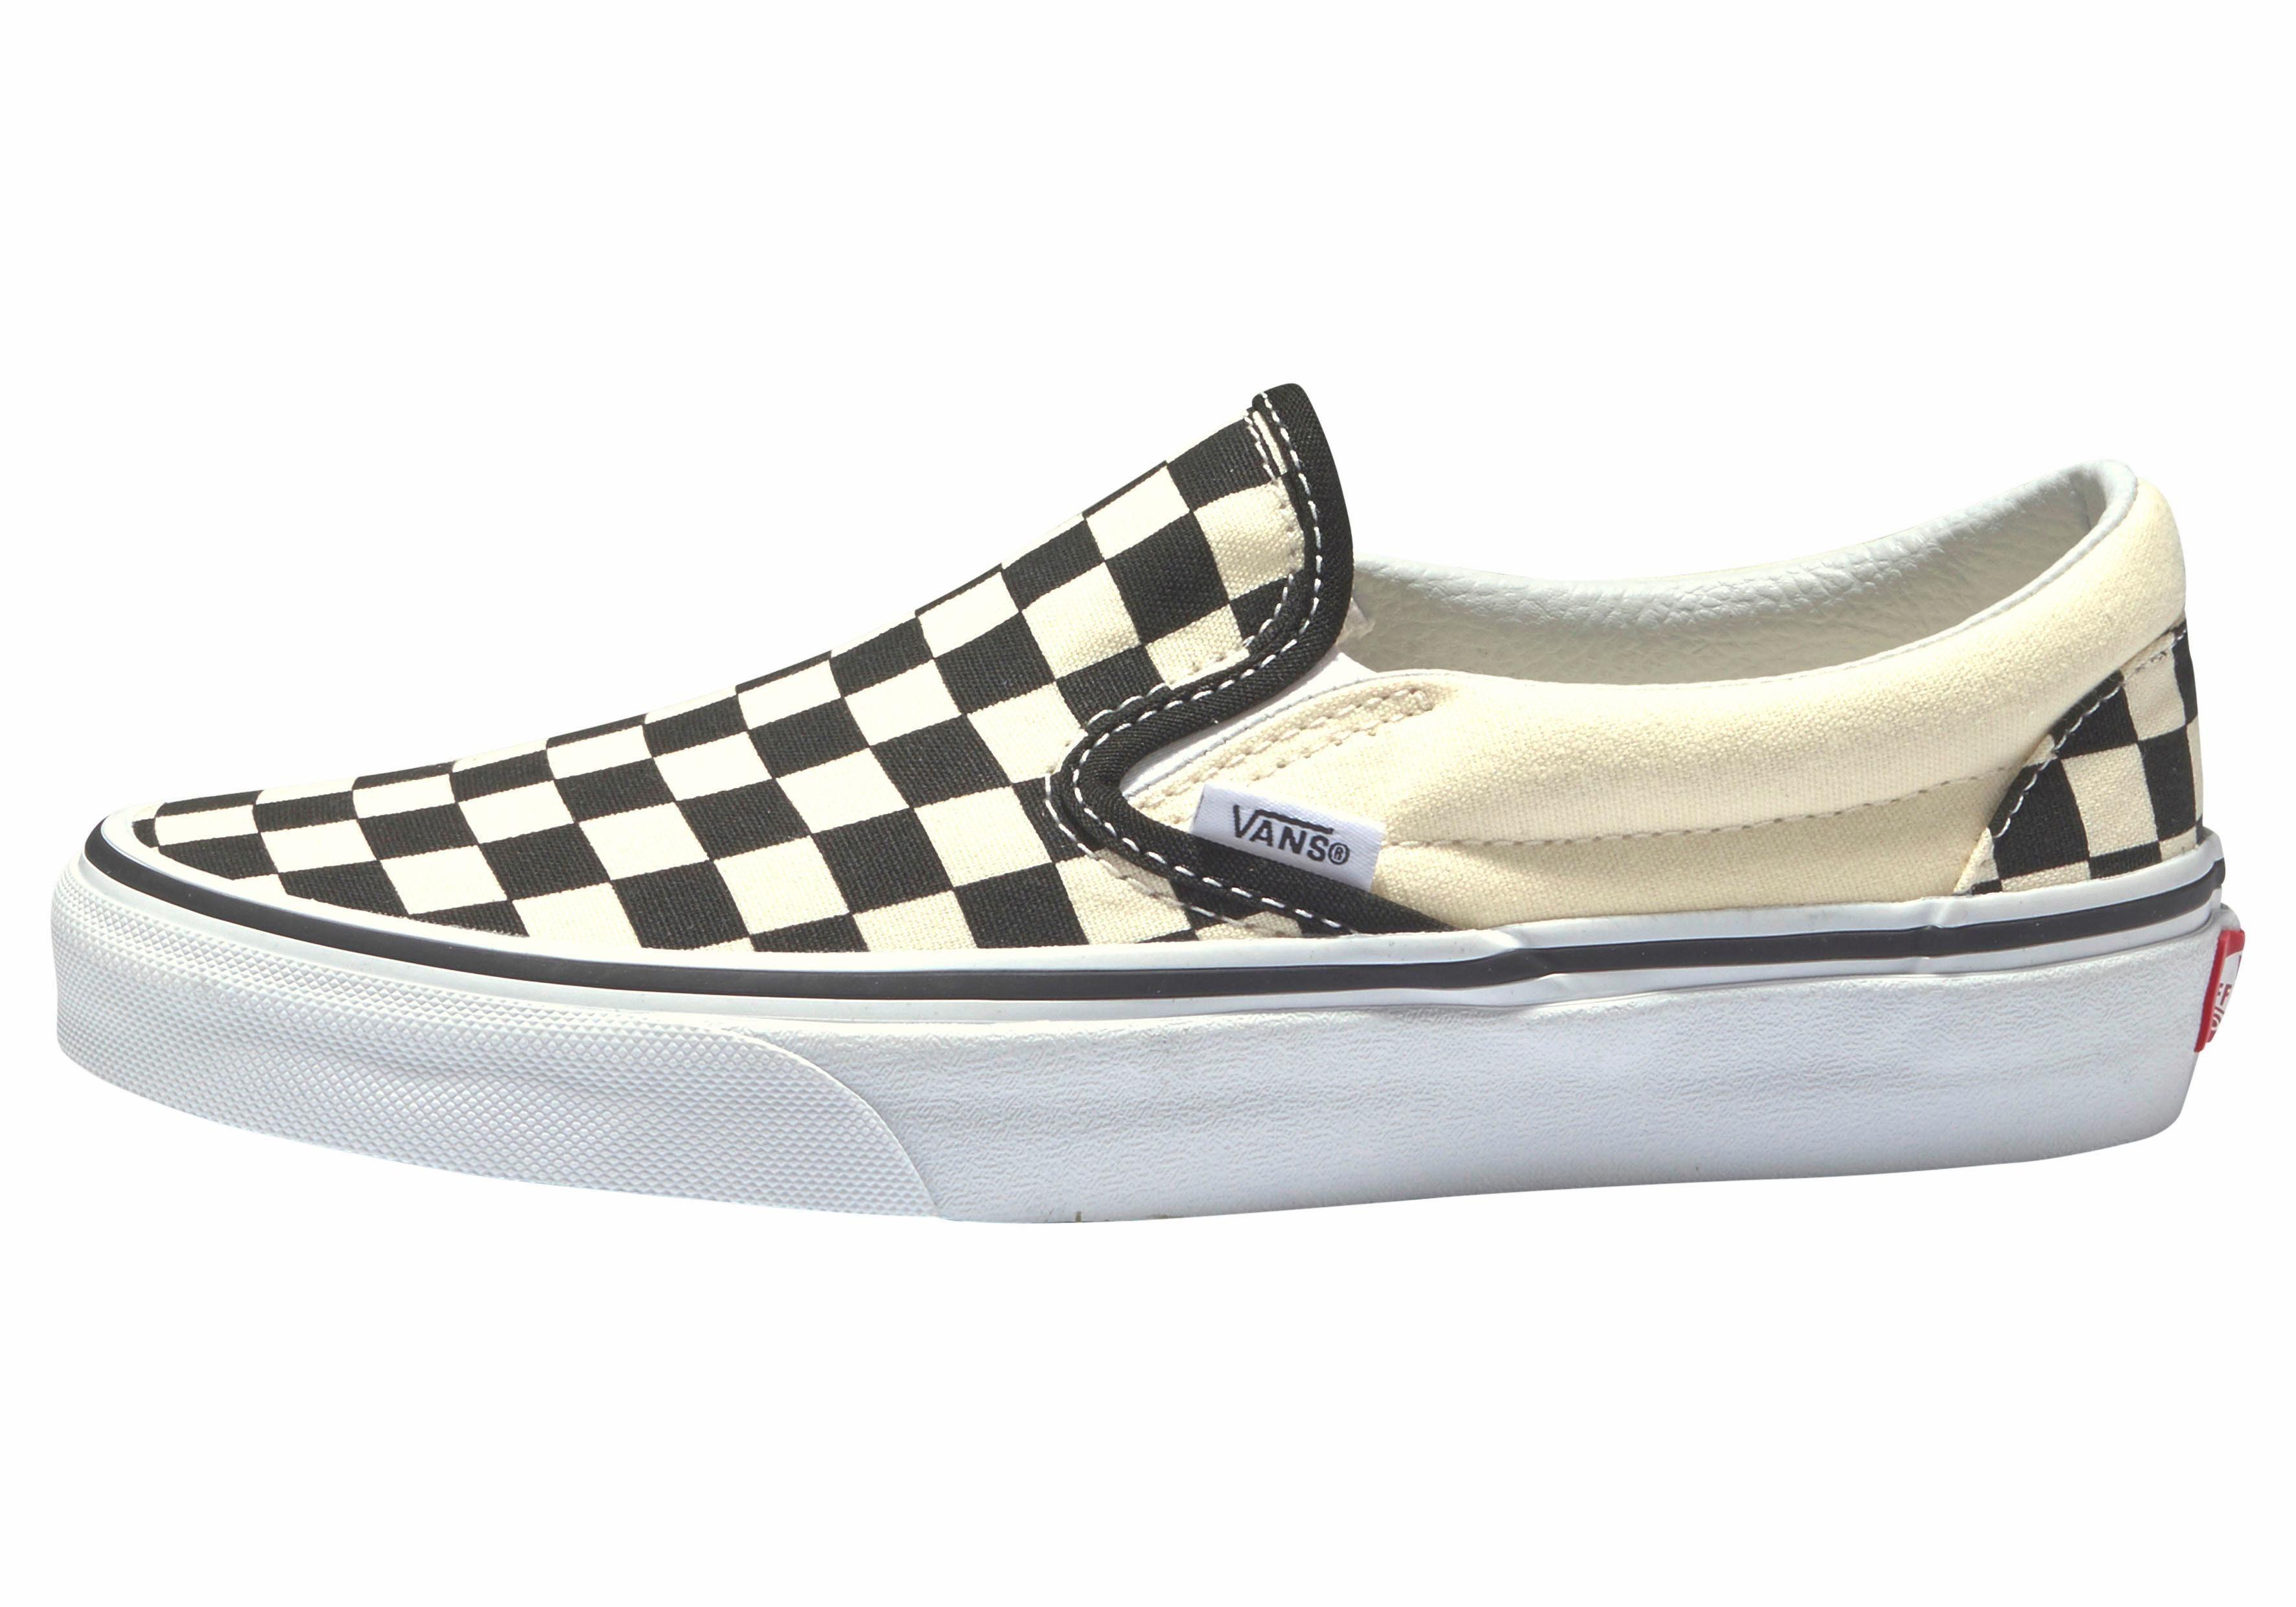 Vans Checkerboard Slip-On Sneaker online kaufen  offwhite-schwarz